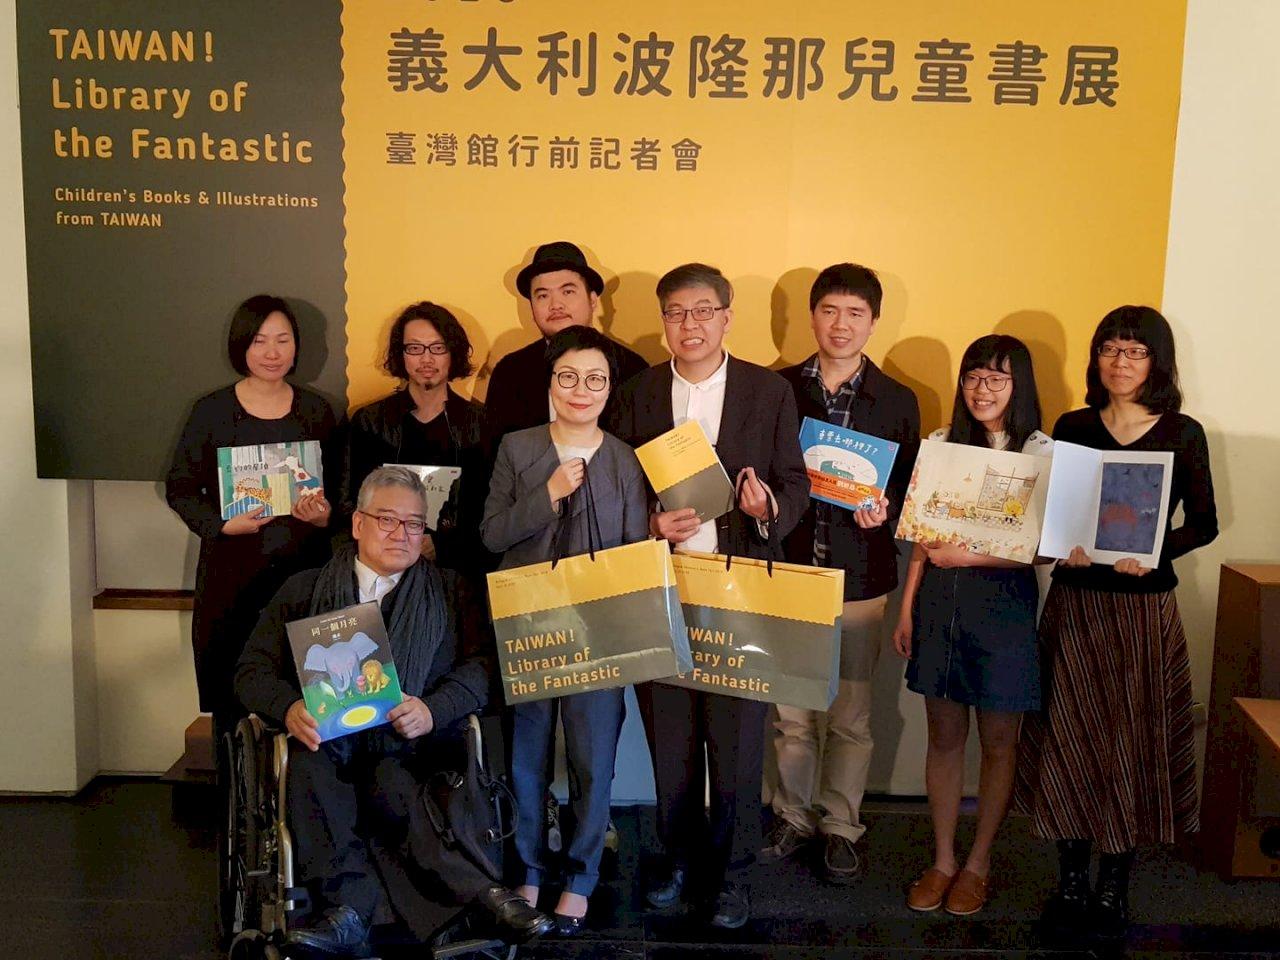 因應中國主題國 波隆那書展台灣推黃金陣容